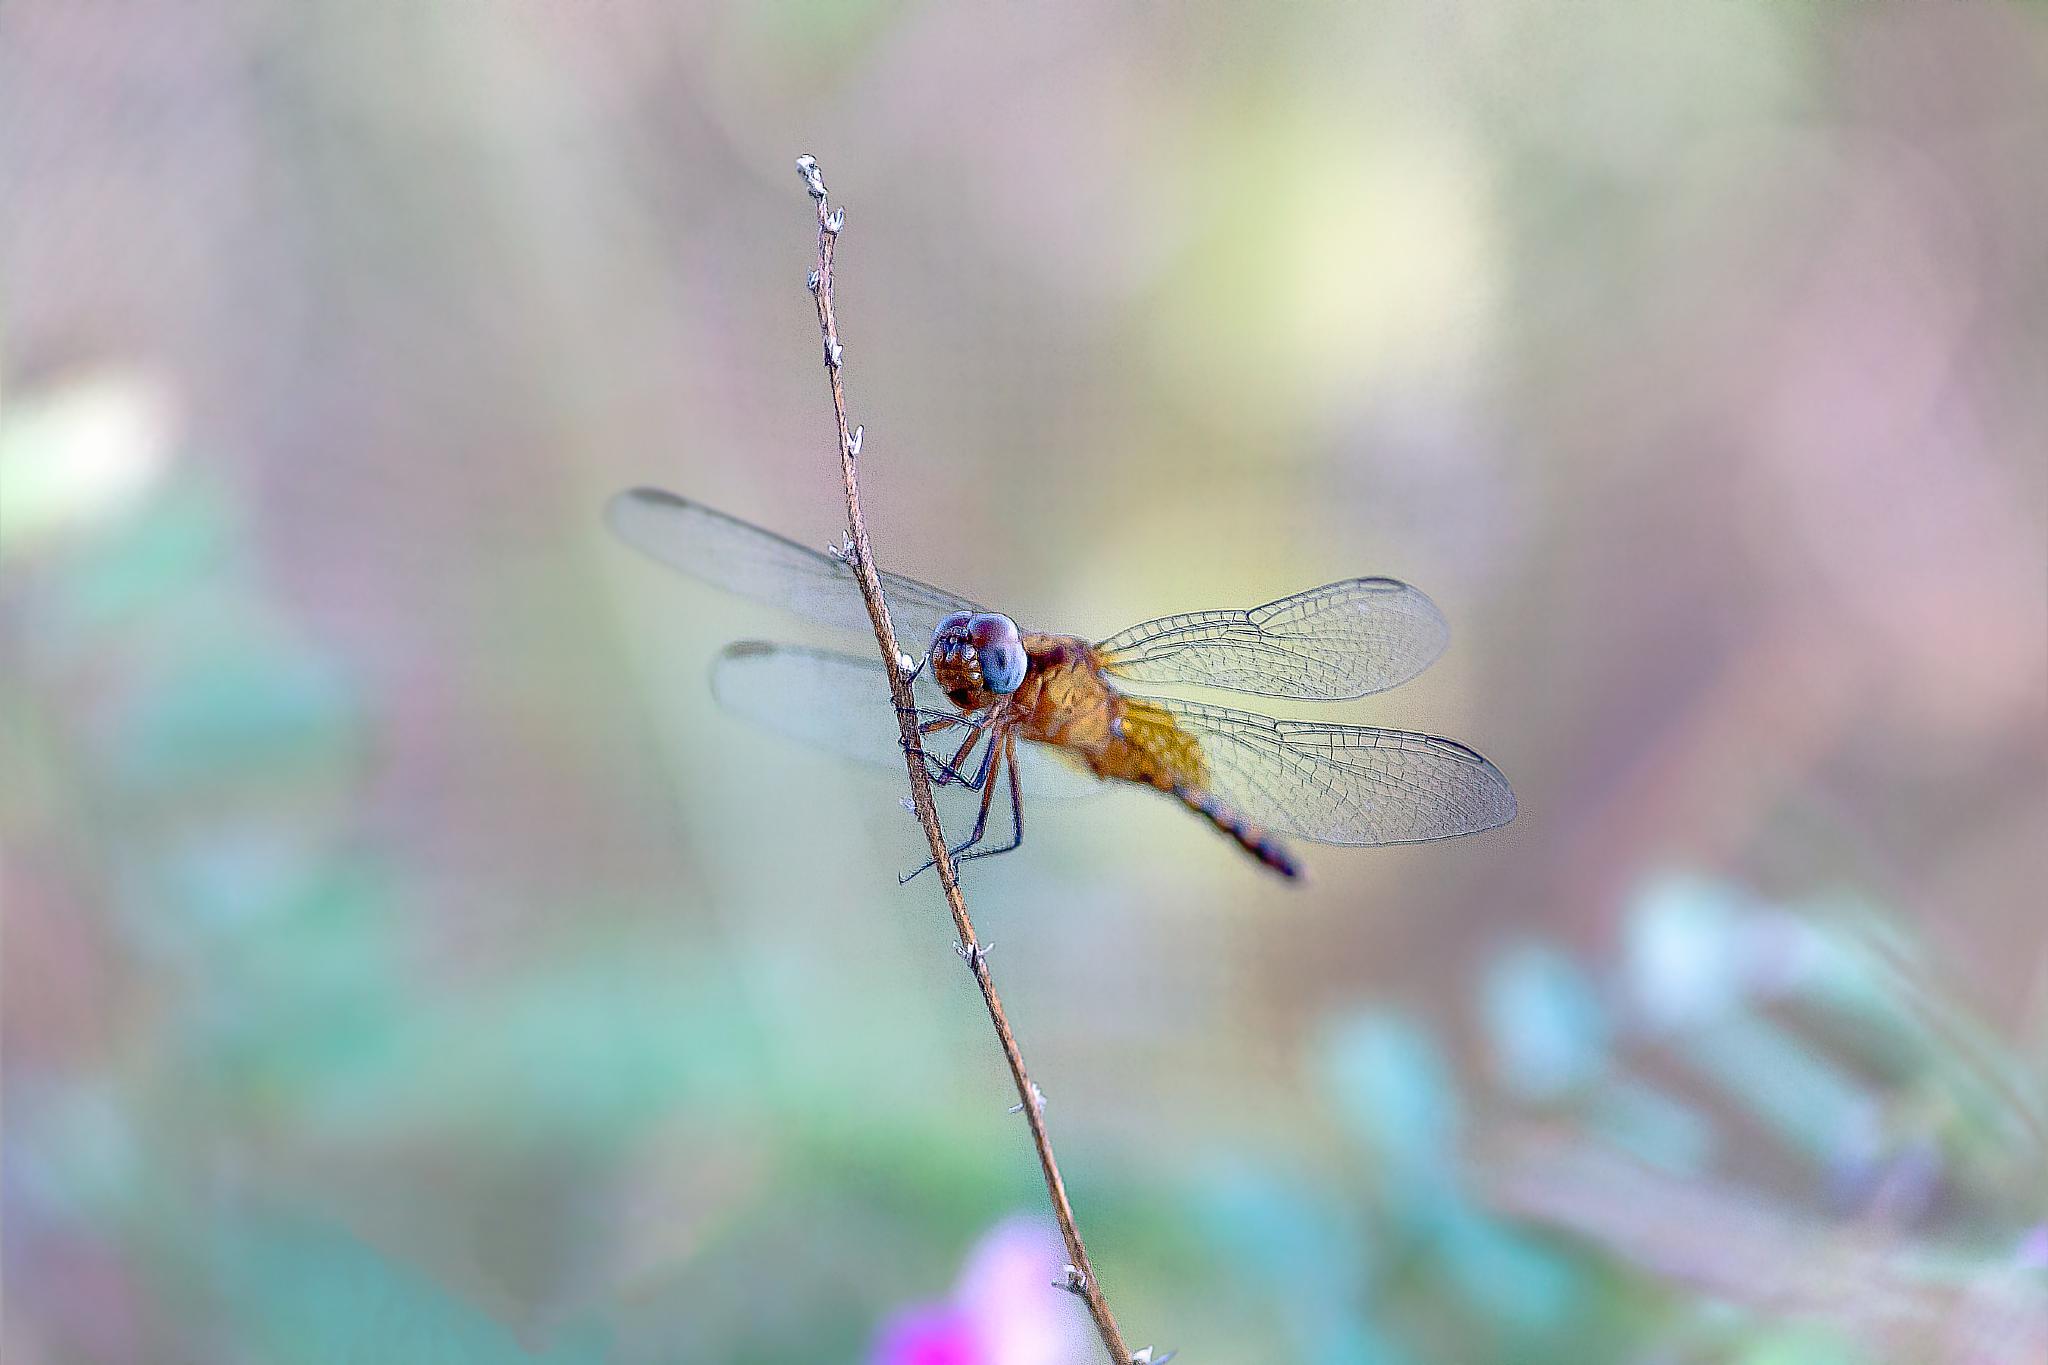 Orange dragonfly by Tony Guzman